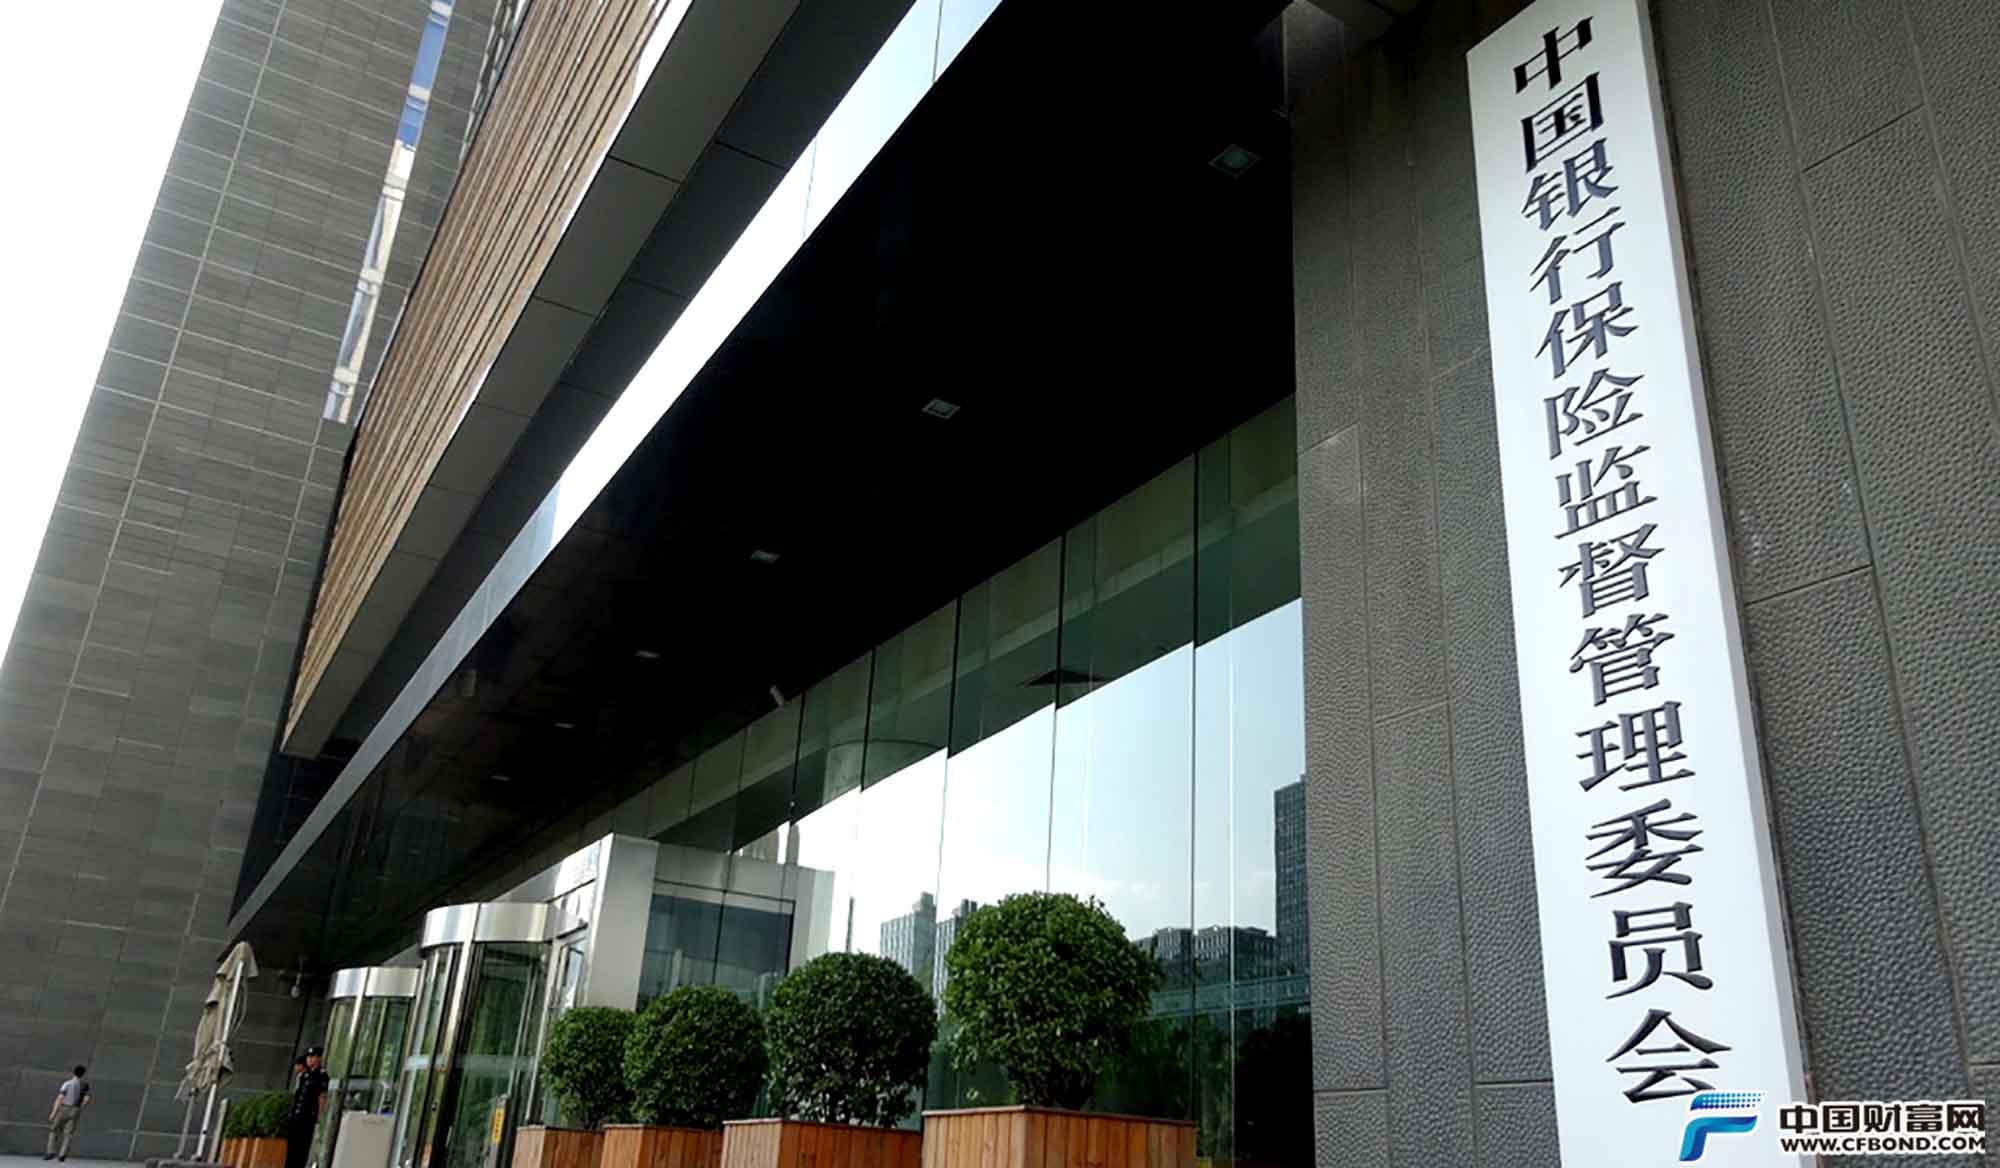 银保监会批准筹建首家外资养老保险公司